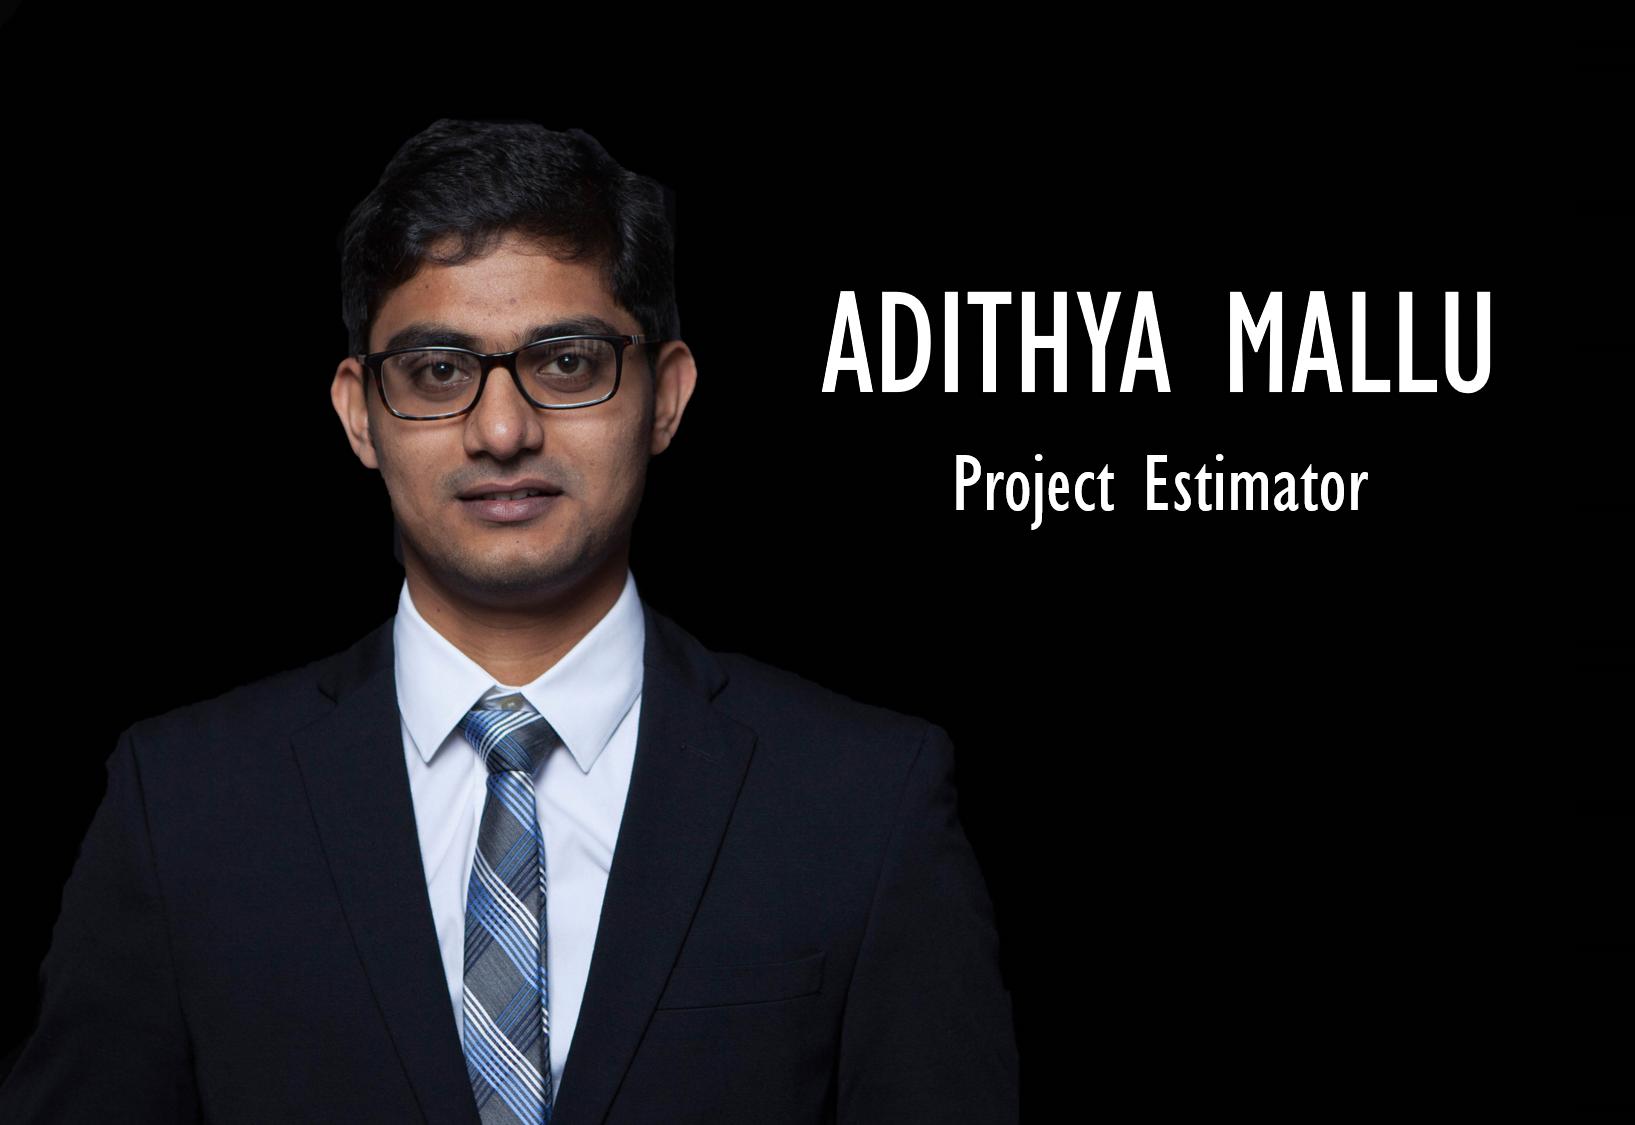 Adithya Mallu